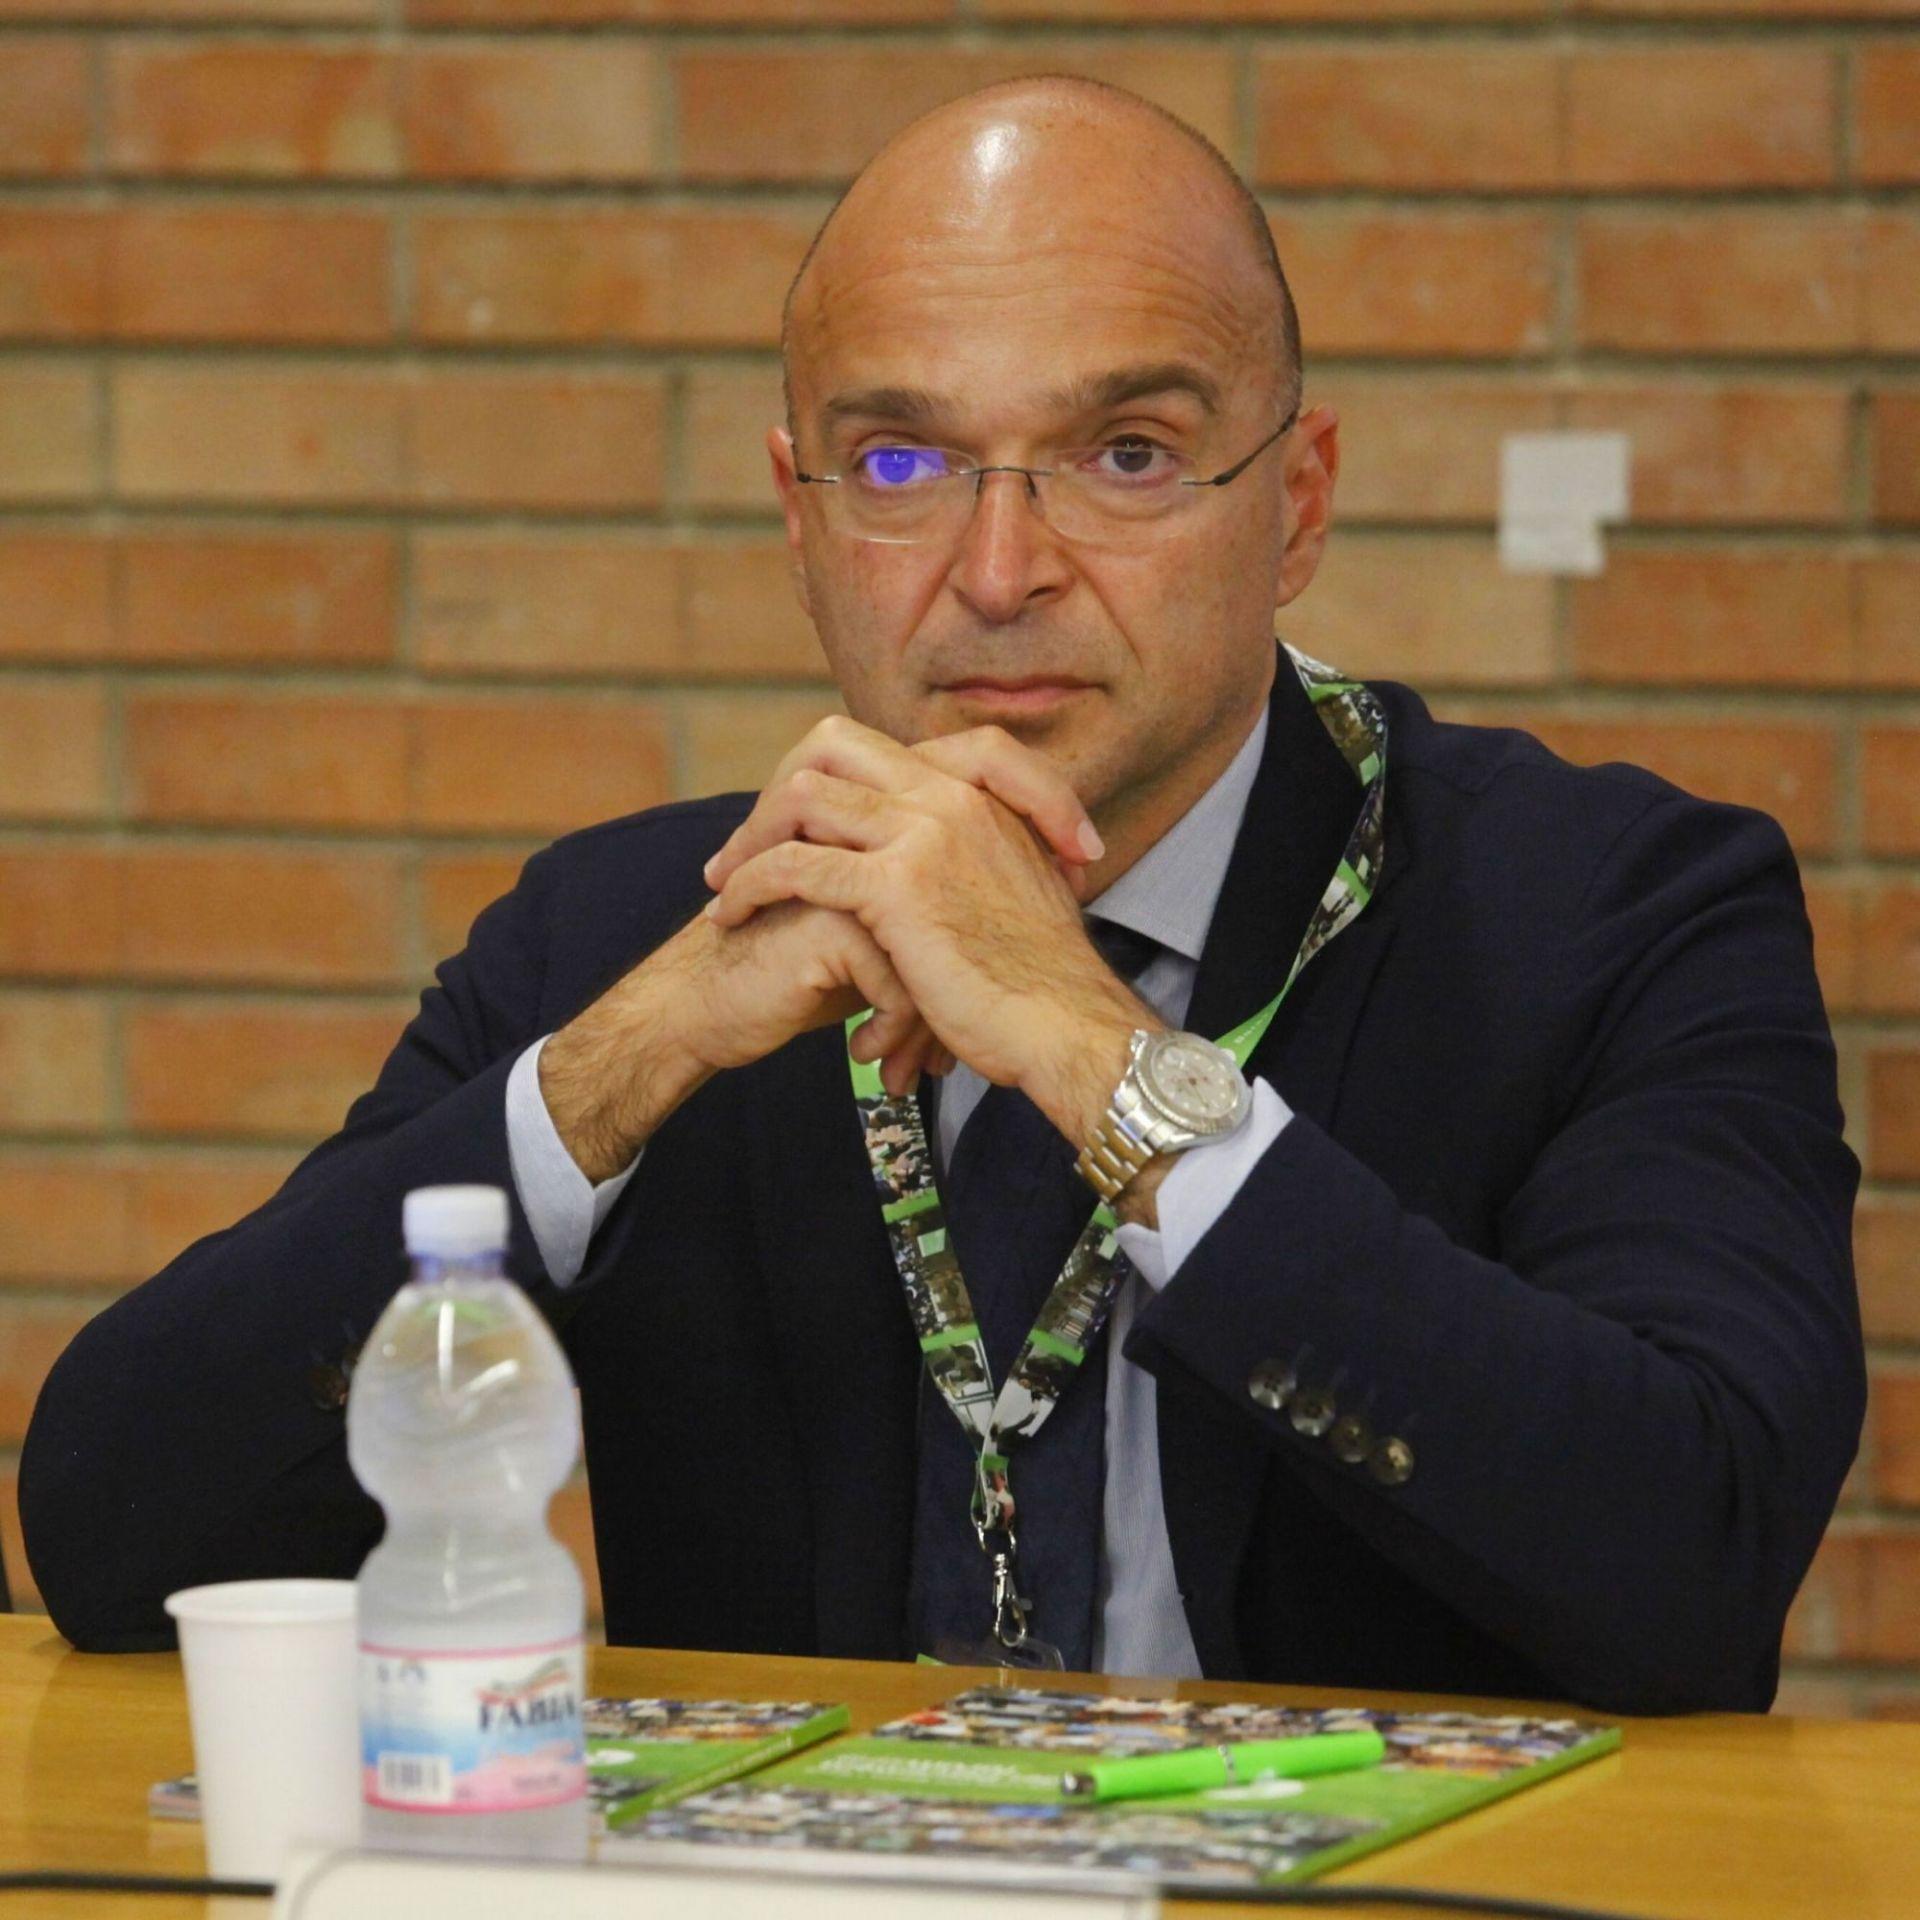 Dario Consoli